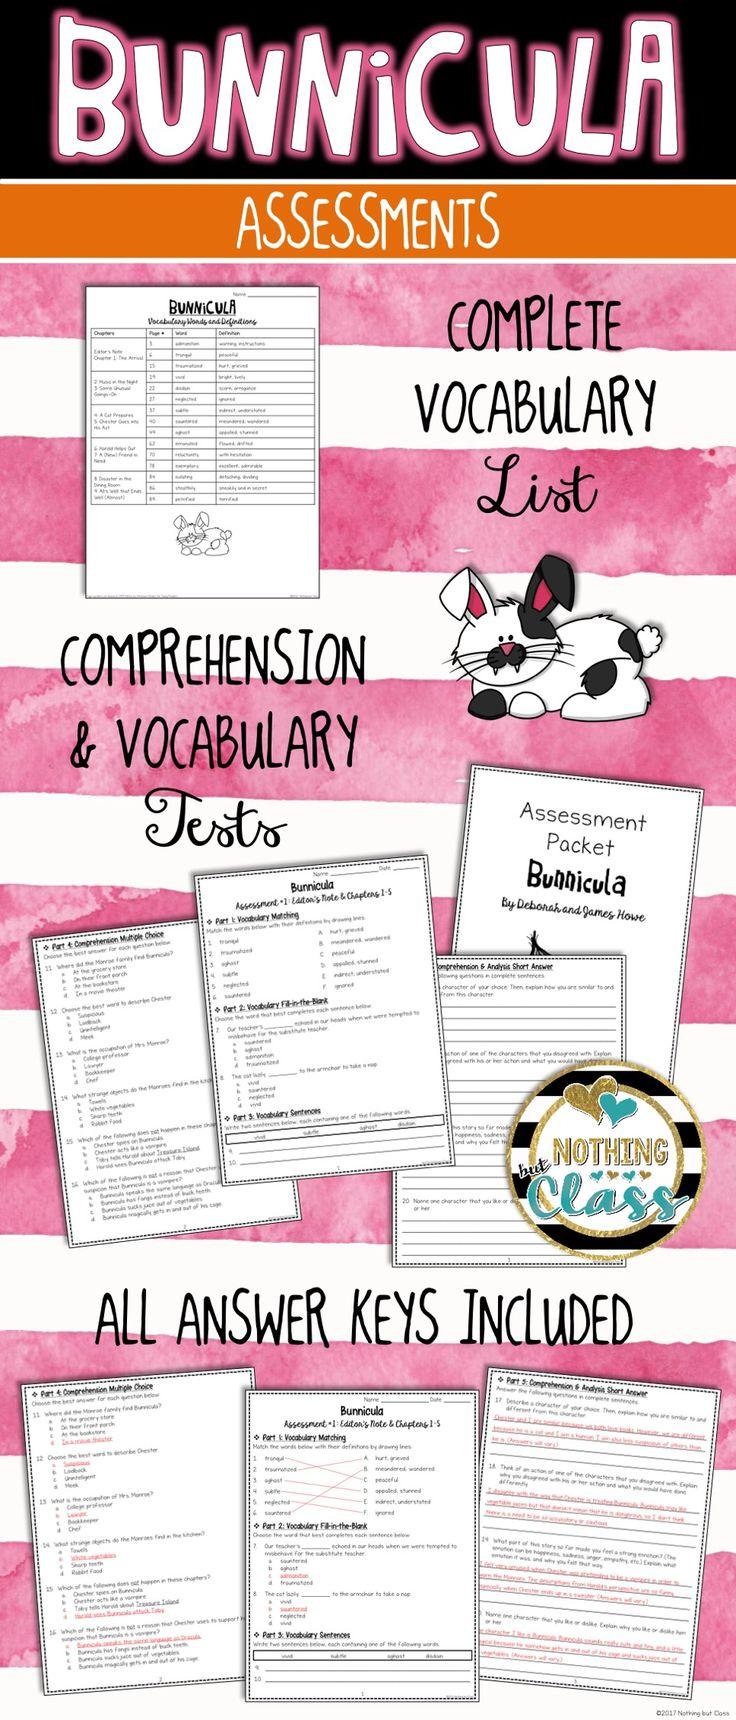 Bunnicula Lesson Plan | Study.com